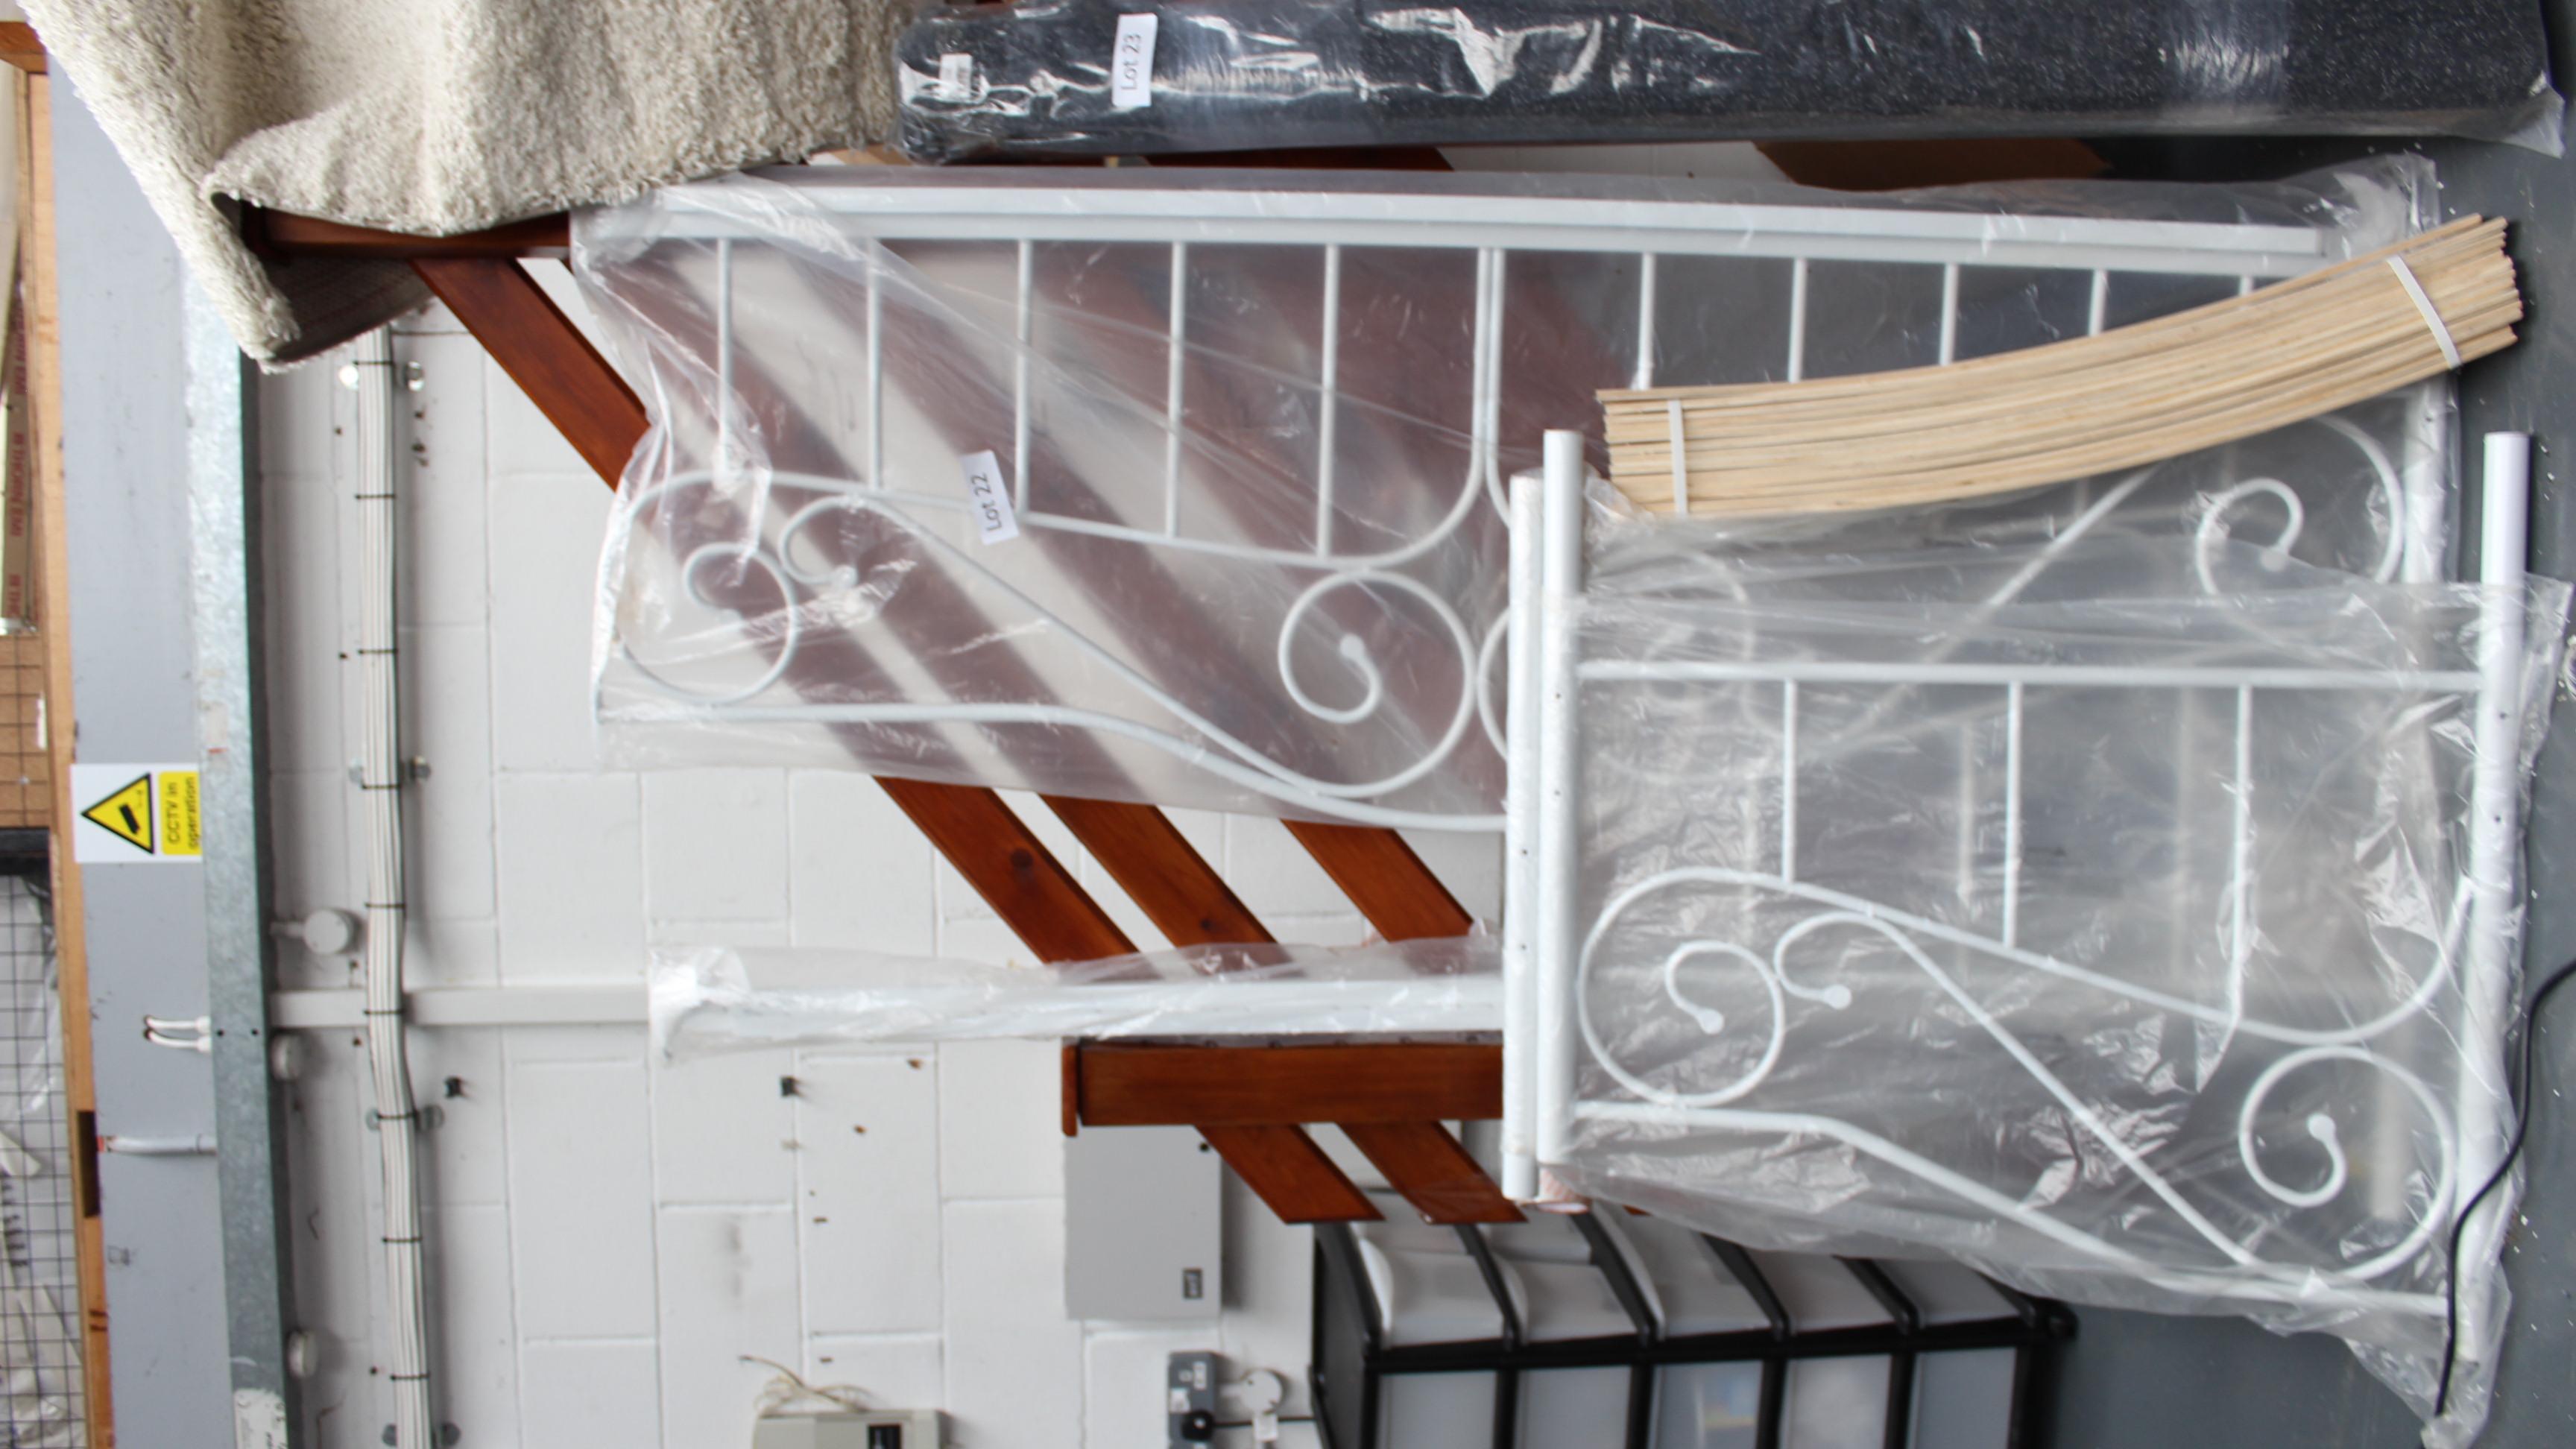 Lot 22 - White Day Bed Frame. Customer Returns